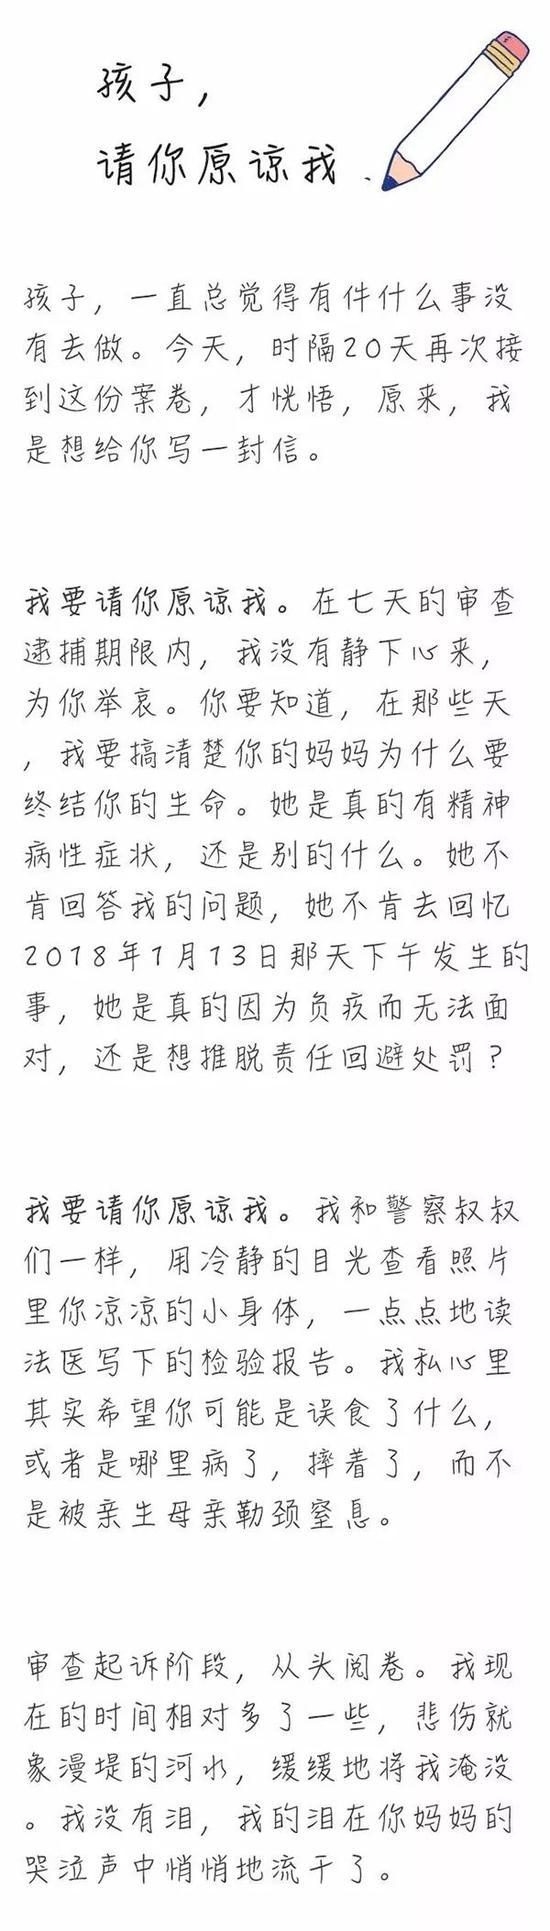 """▲""""苏州检察发布""""刊登了""""特殊信件""""――苏州市吴江区检察院未成年人检察科付雷给亡童的道歉信。"""